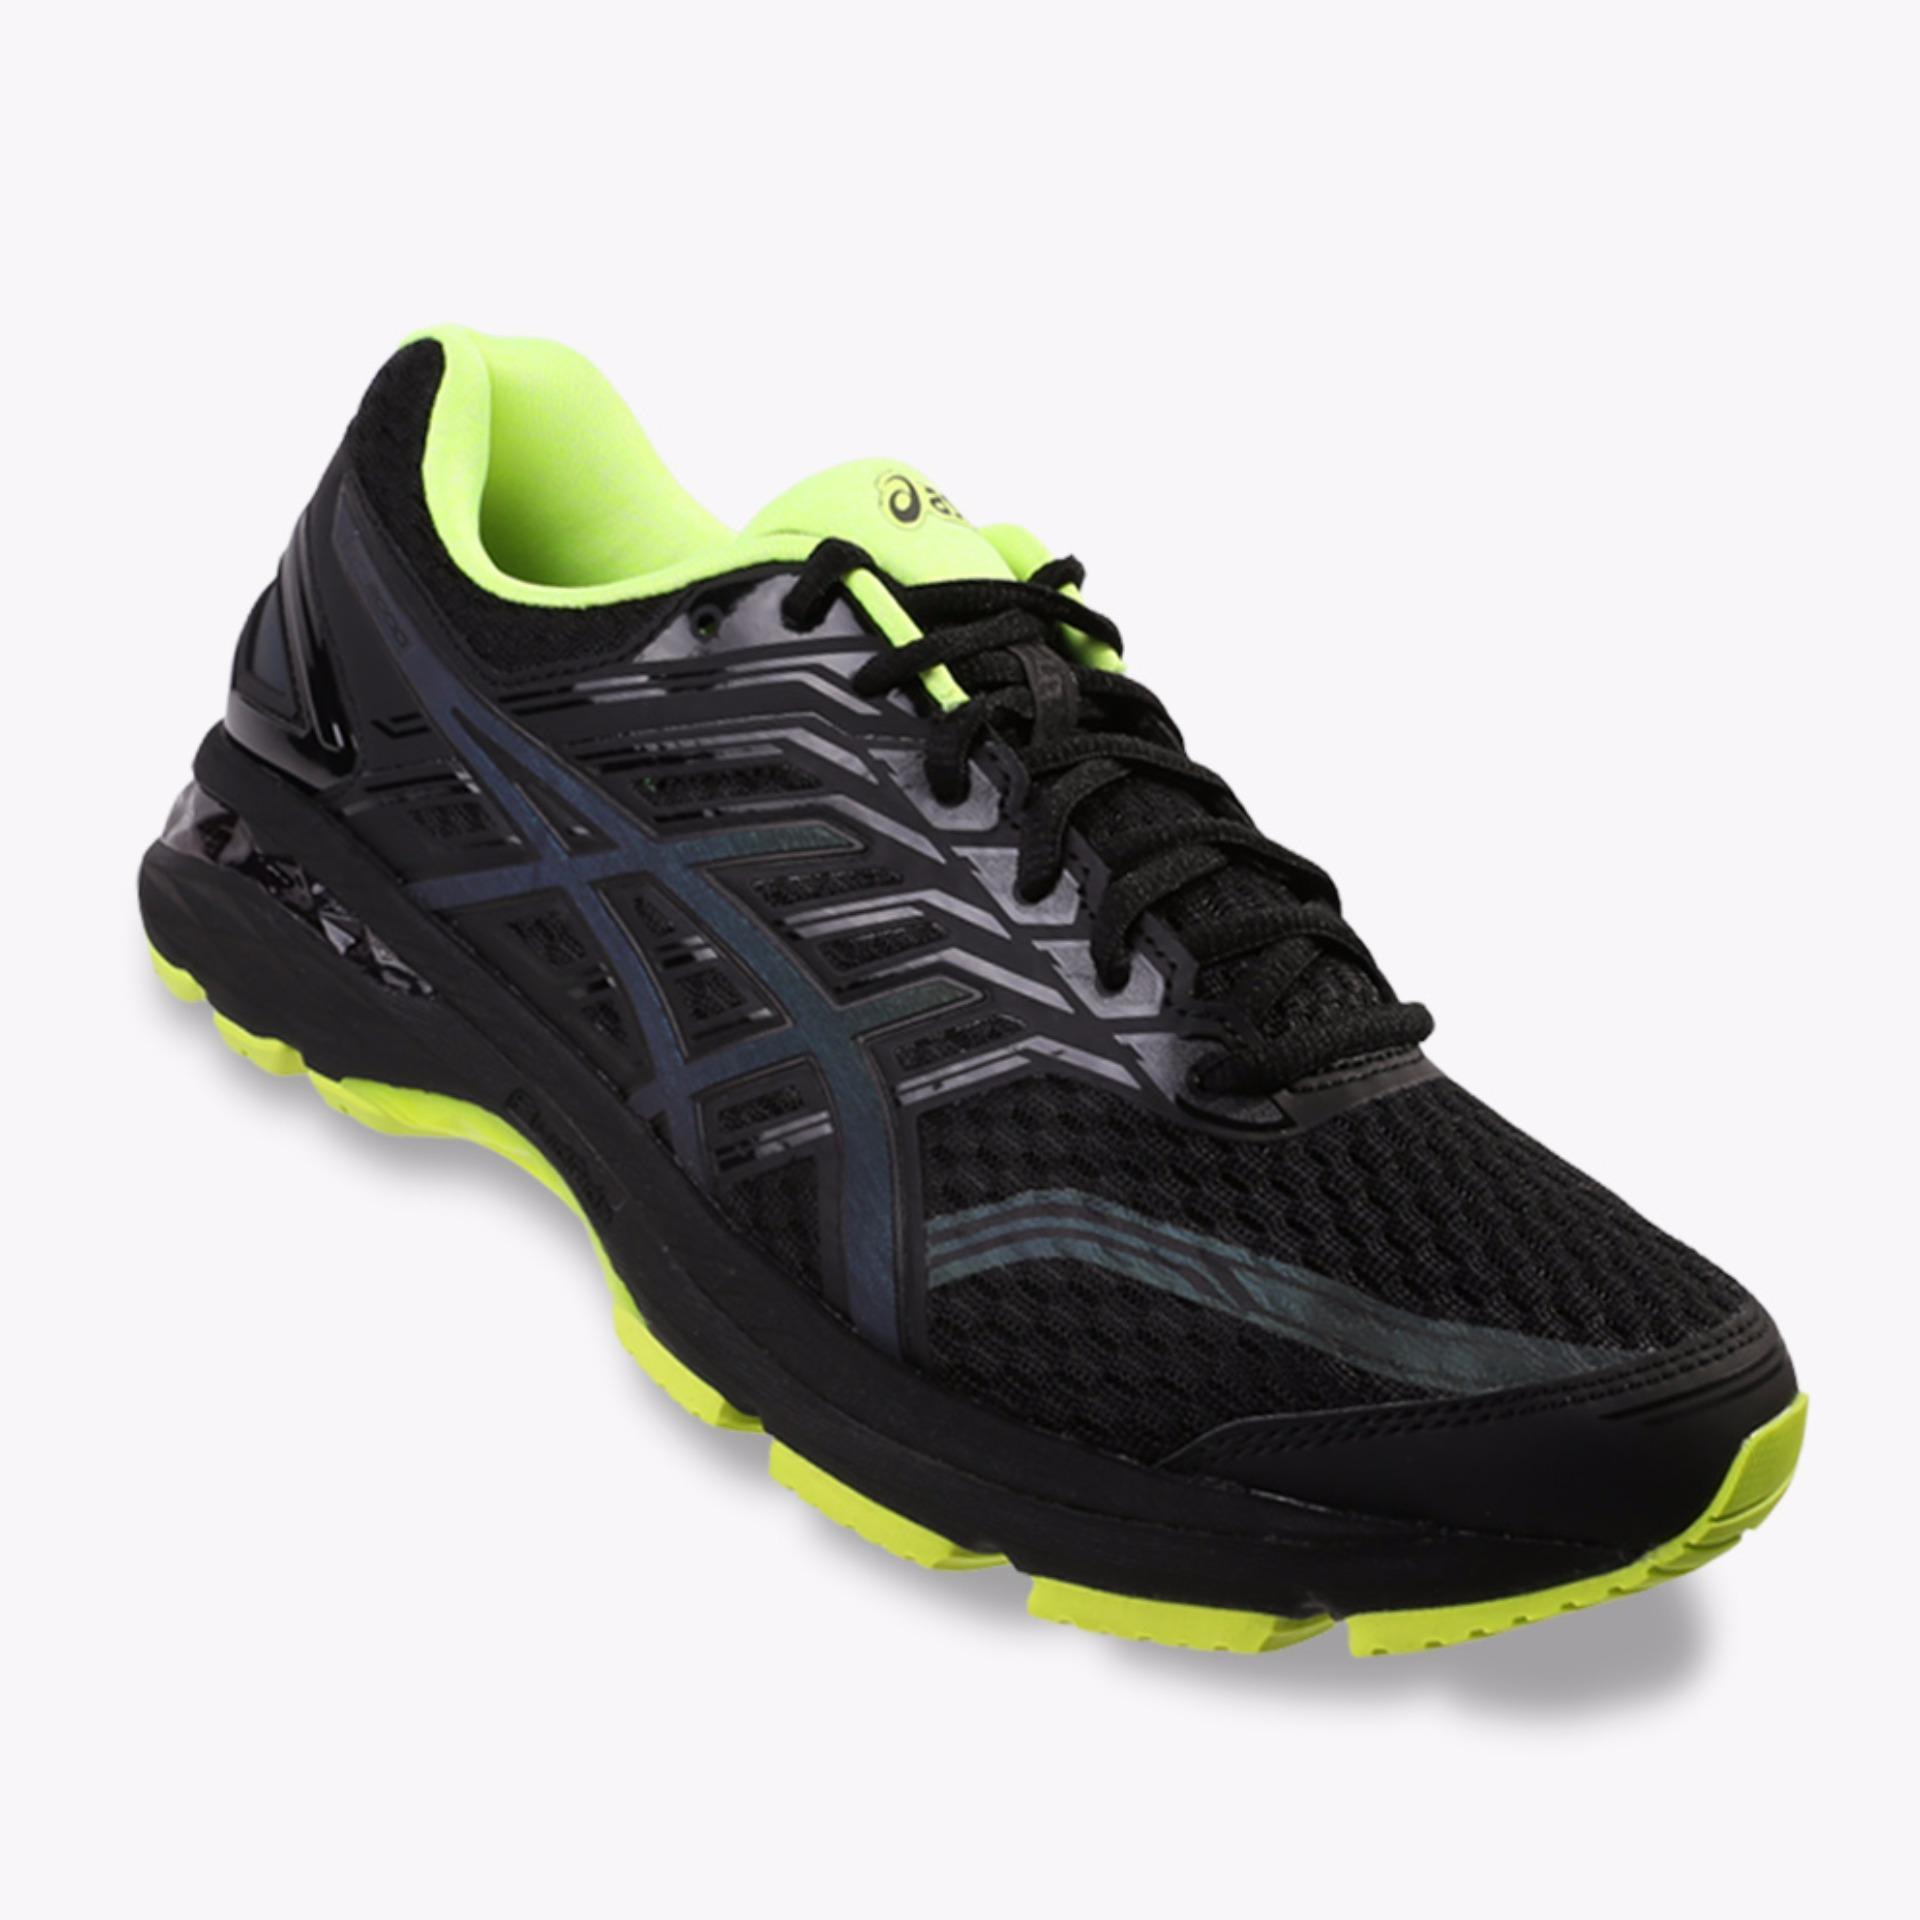 Dapatkan Segera Asics Gt 2000 5 Lite Show Men S Running Shoes Standard Wide Hitam